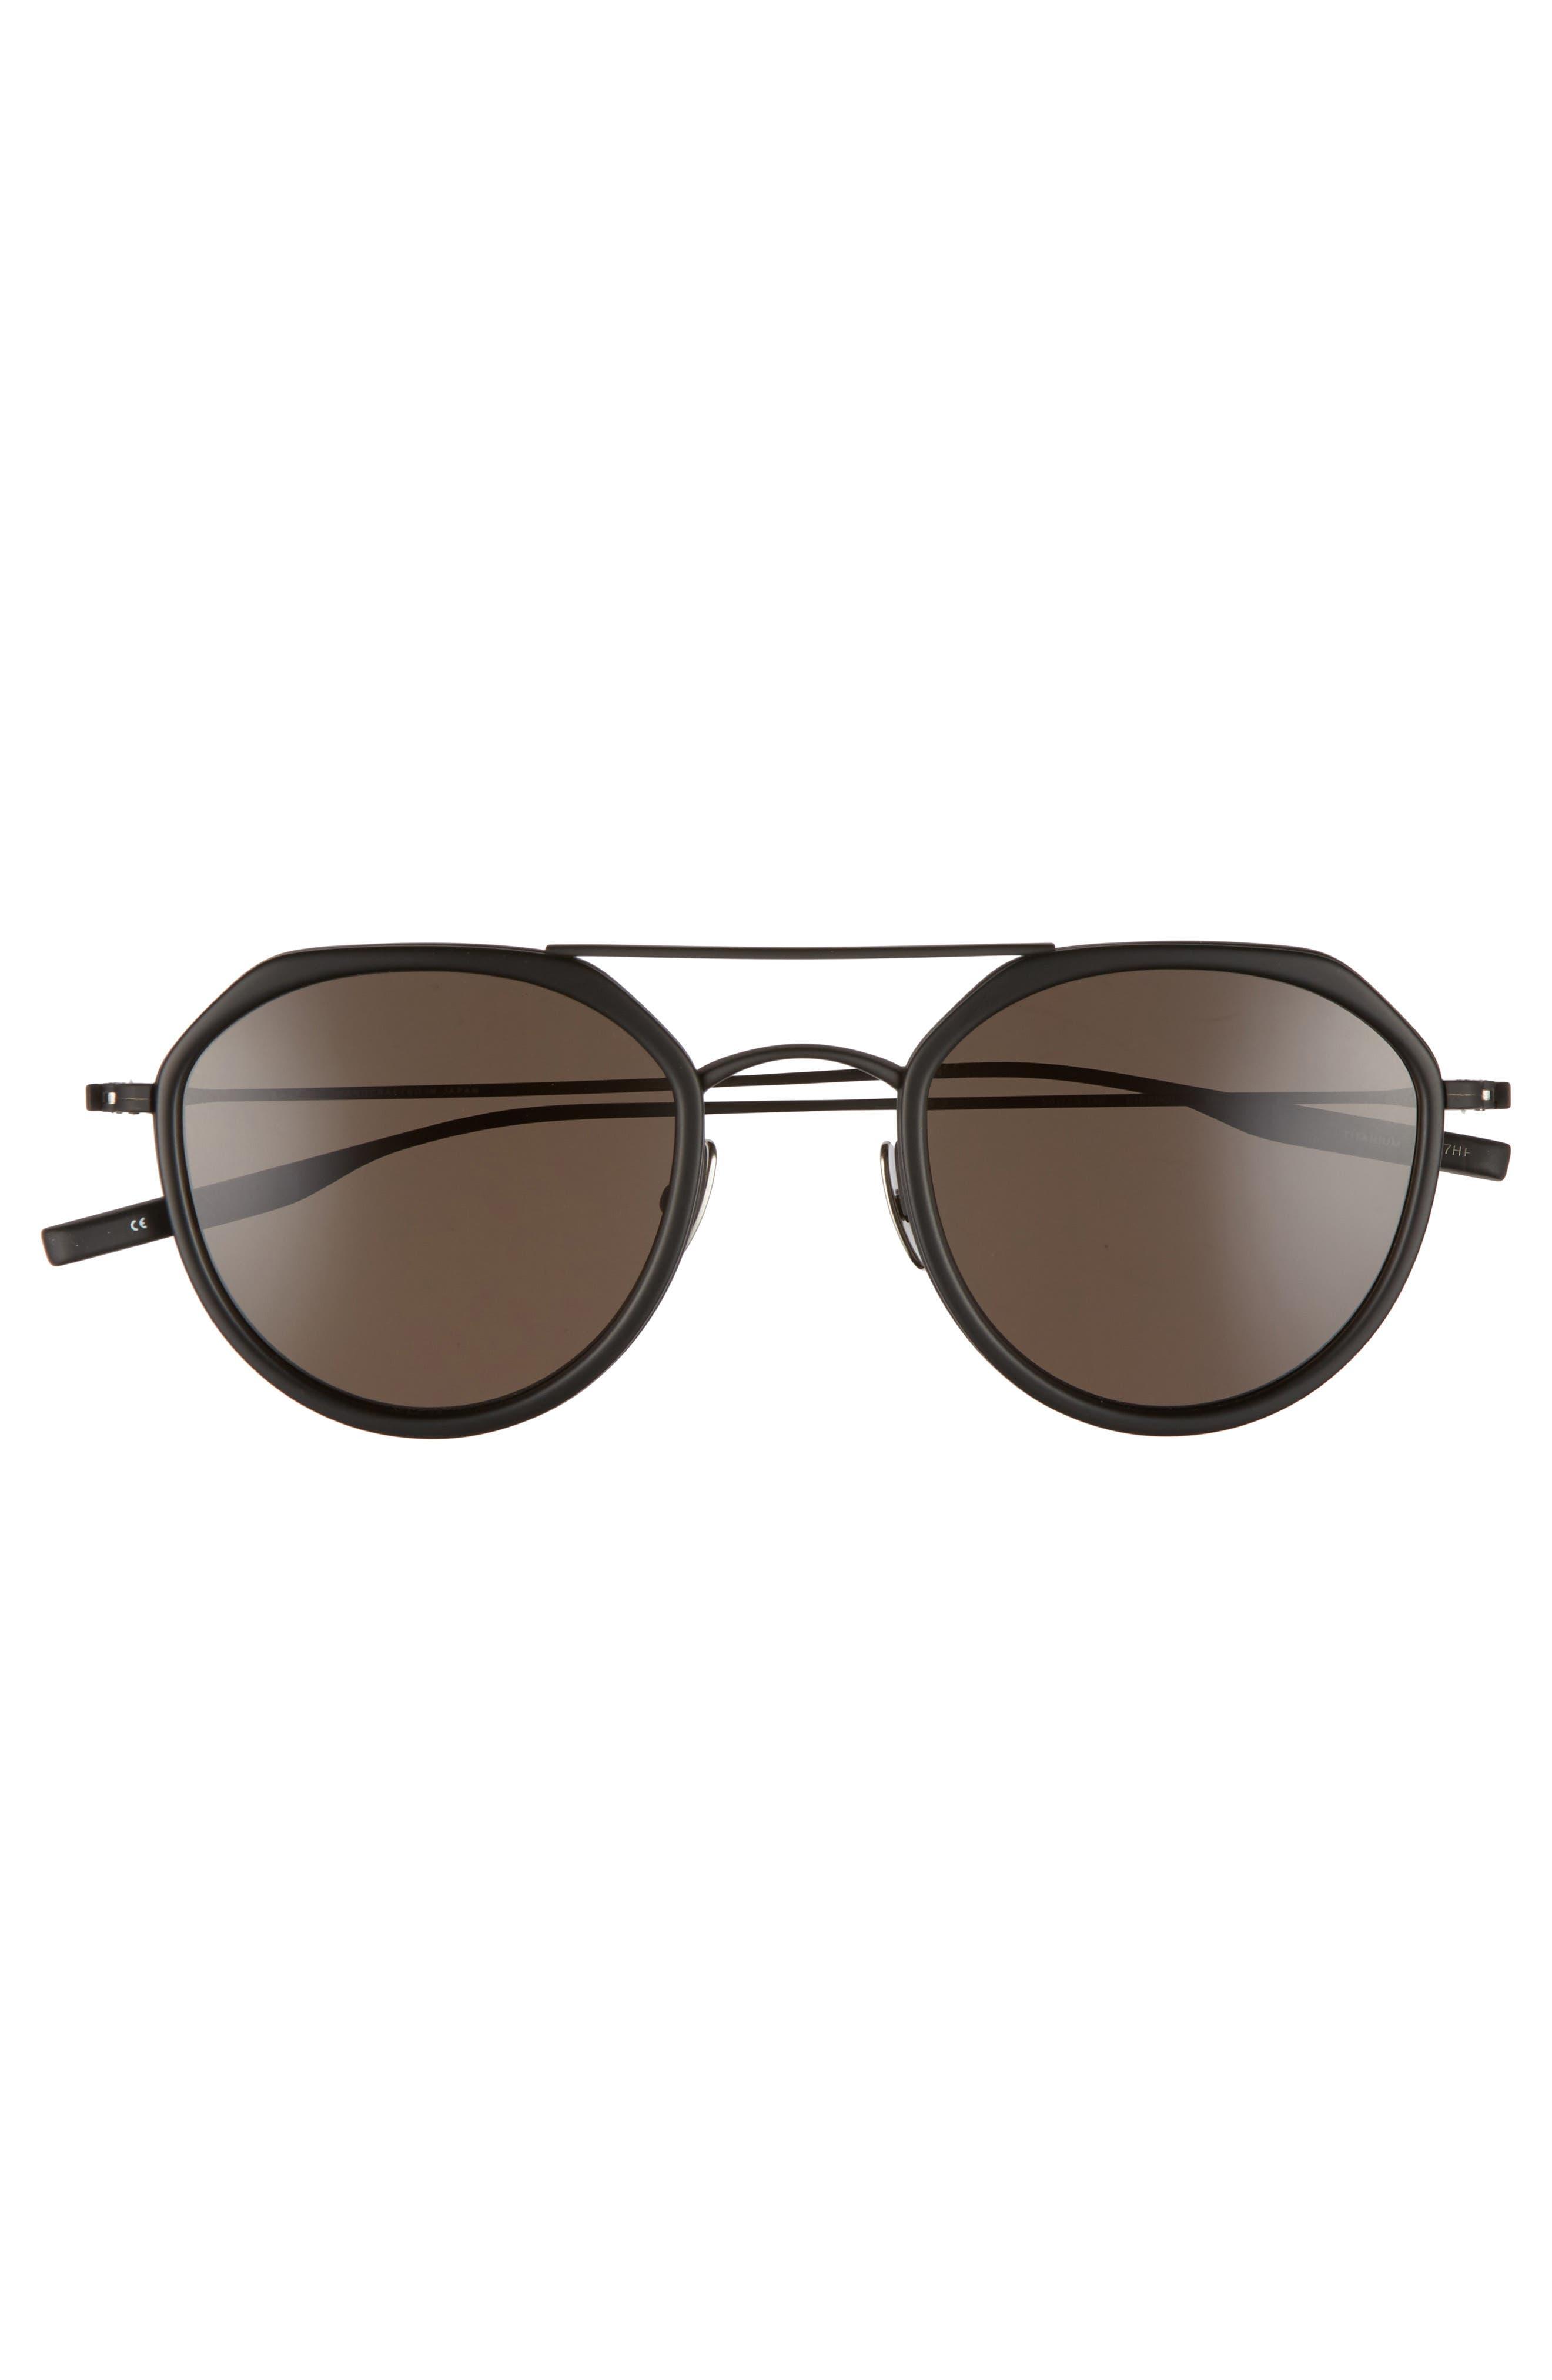 Dibergi Resin 50mm Polarized Round Sunglasses,                             Alternate thumbnail 3, color,                             Matte Black/ Black Sand